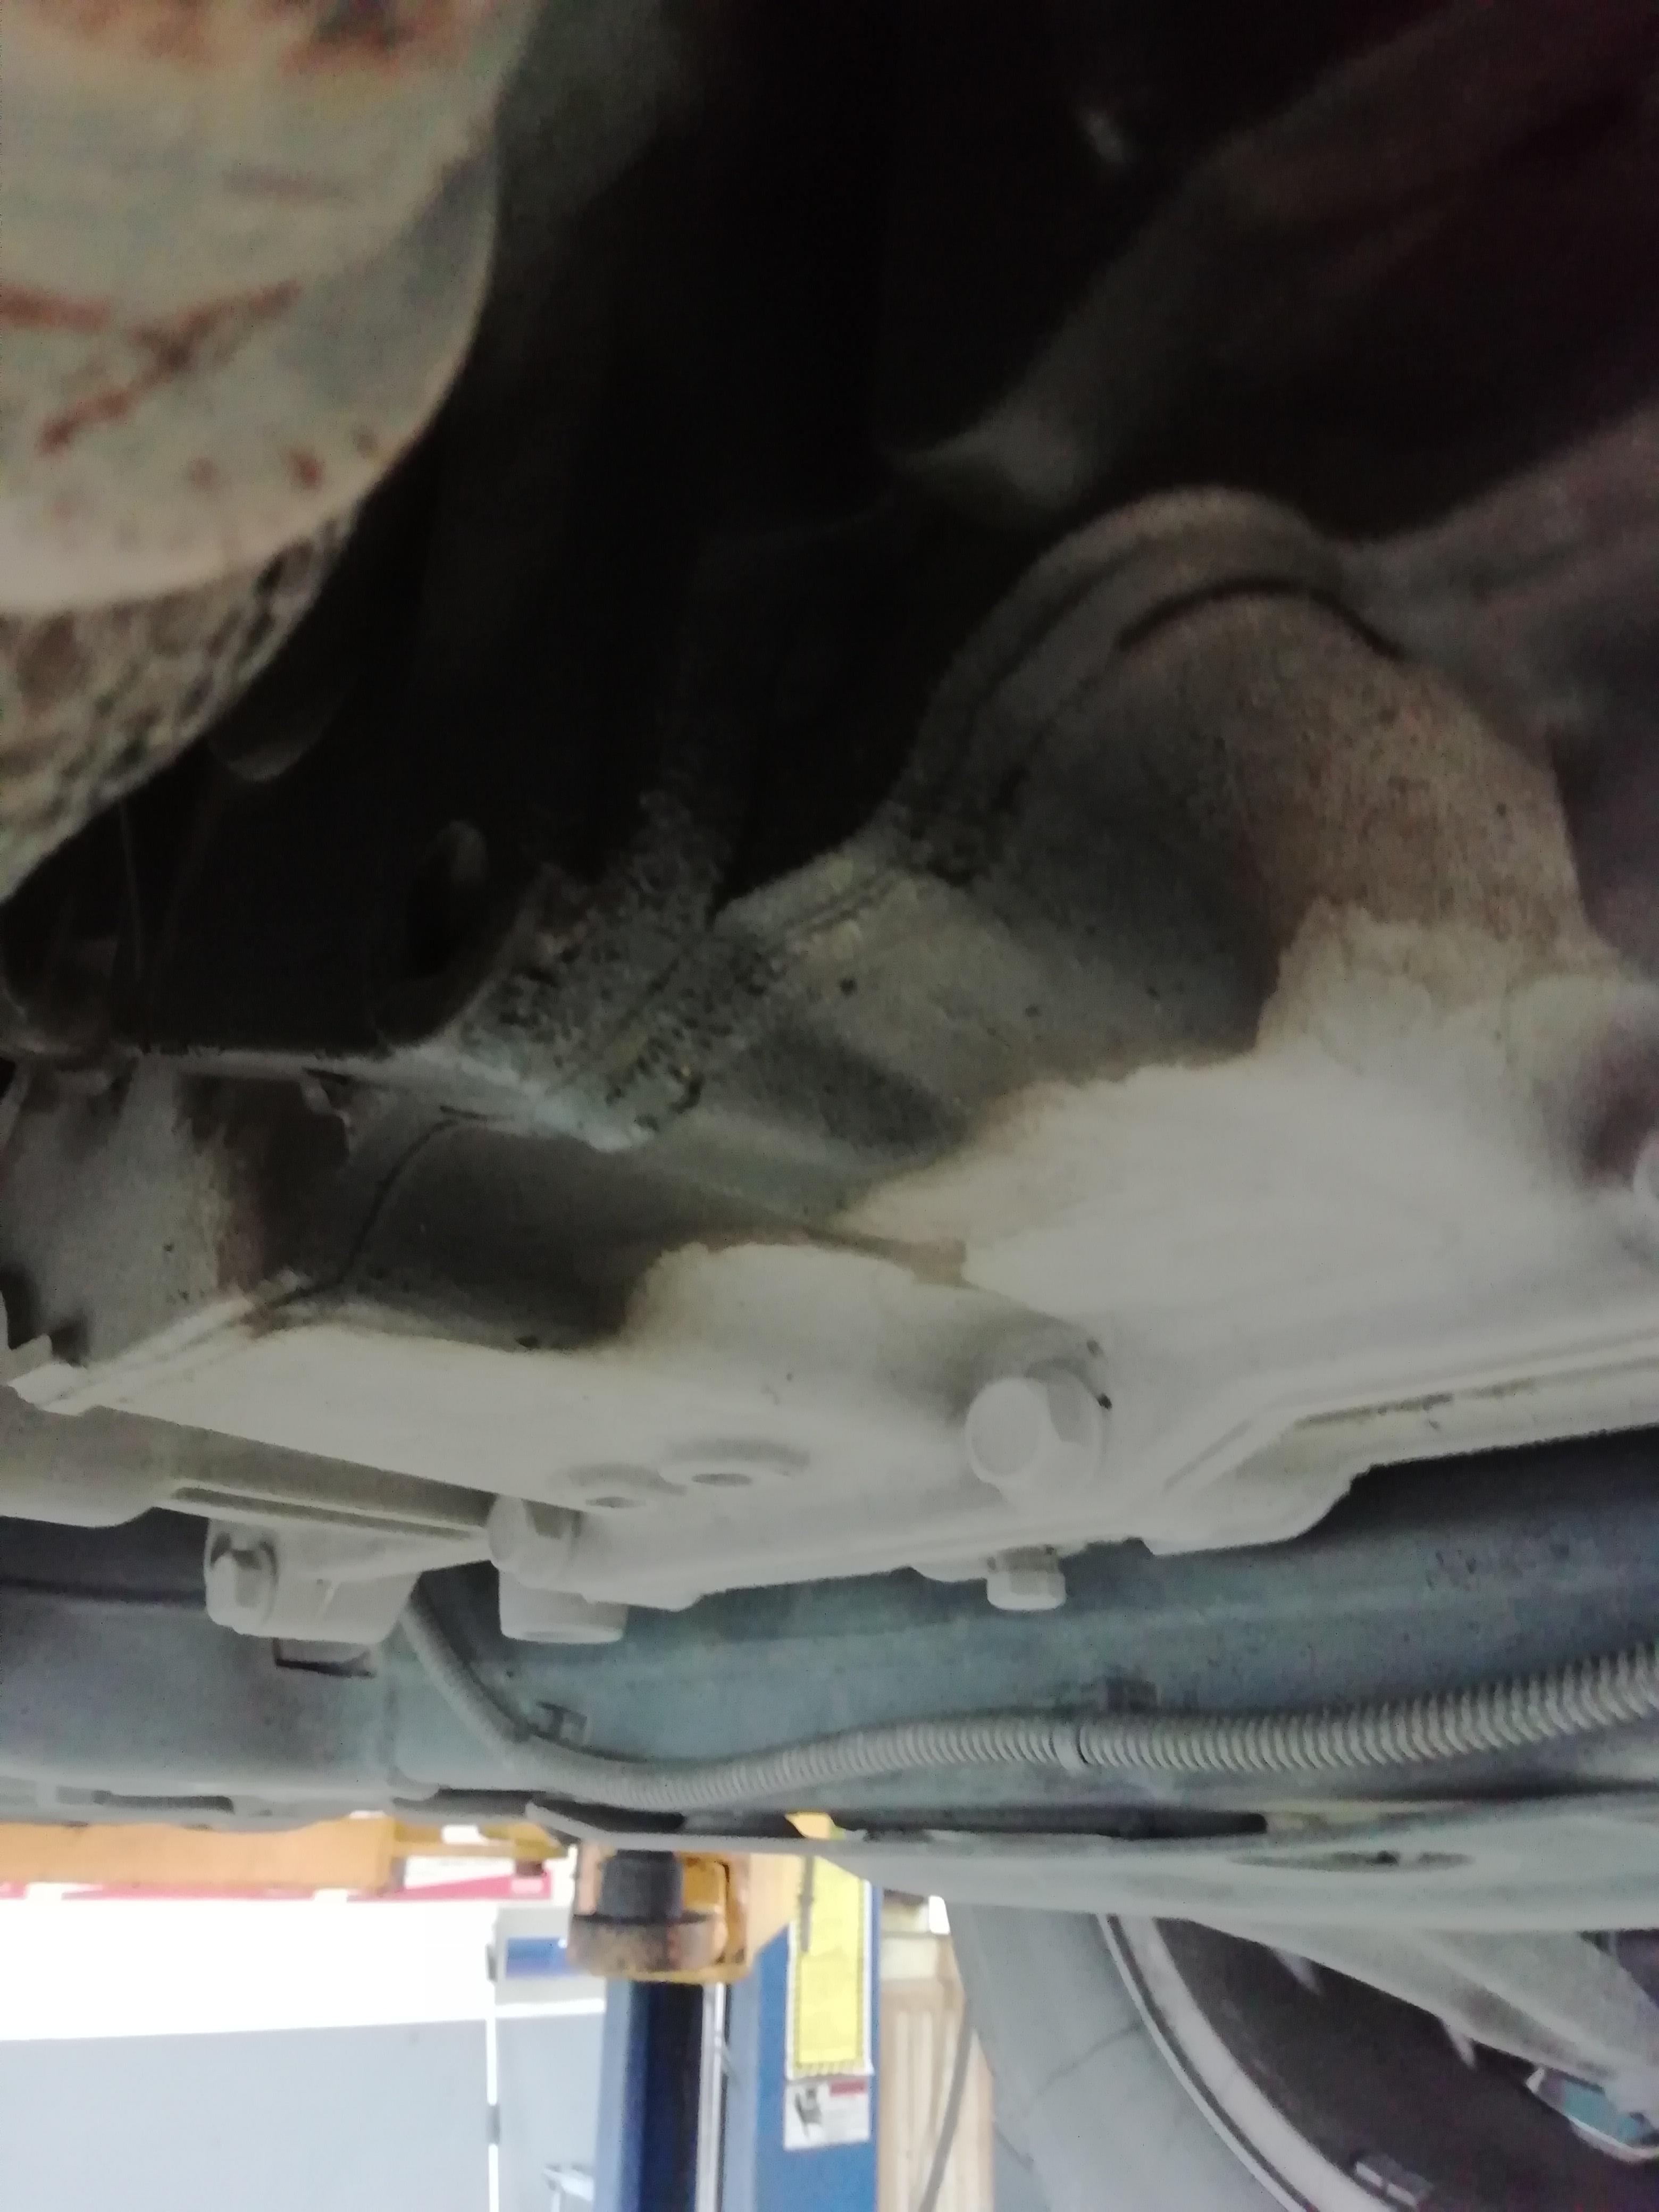 上汽通用-英朗 变速箱不能升挡发动机漏油